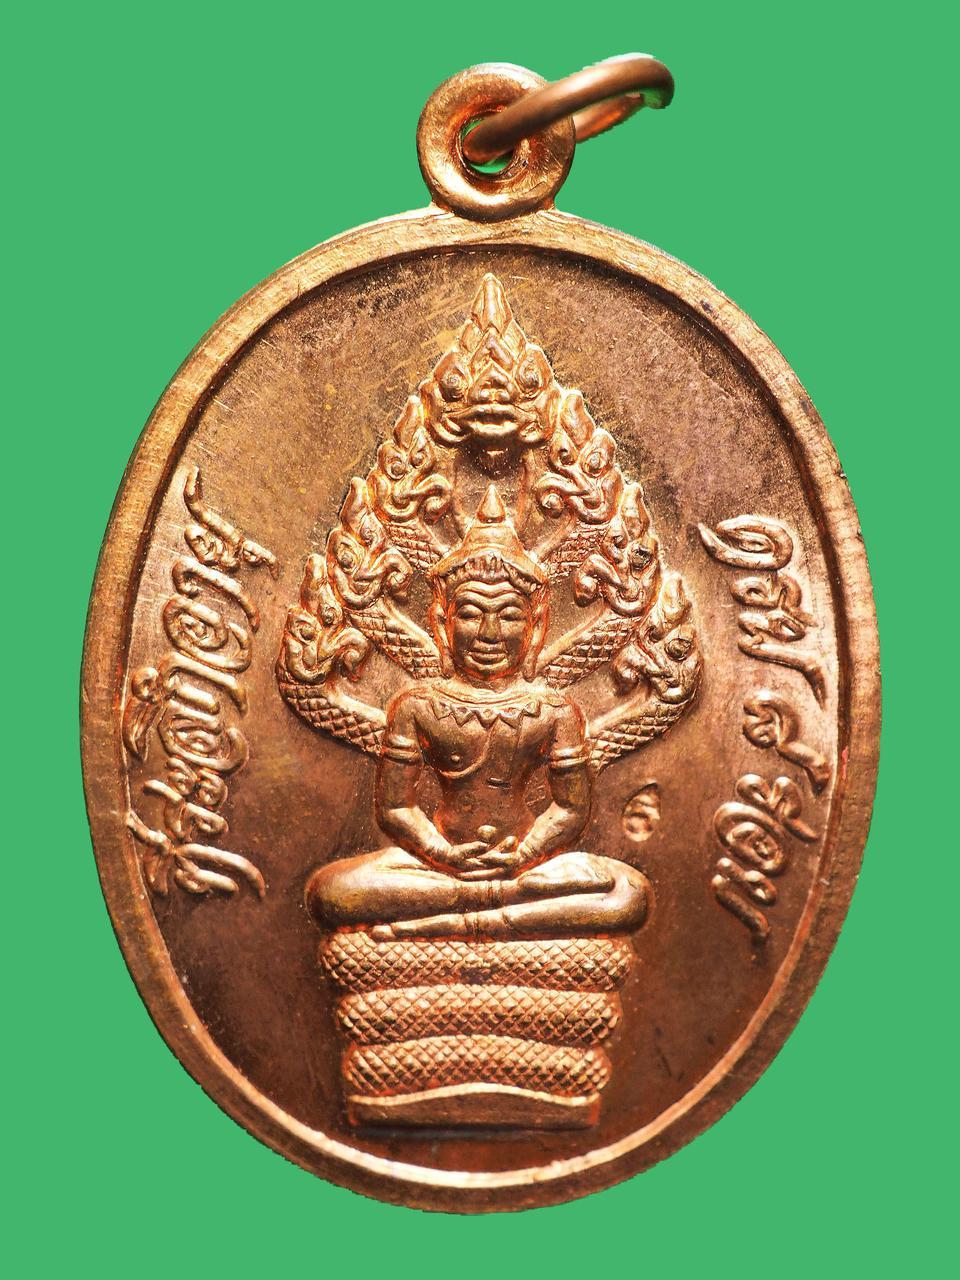 เหรียญนาคปรกไตรมาส หลวงปู่ทิม วัดละหารไร่ ปี 2518 รูปที่ 1